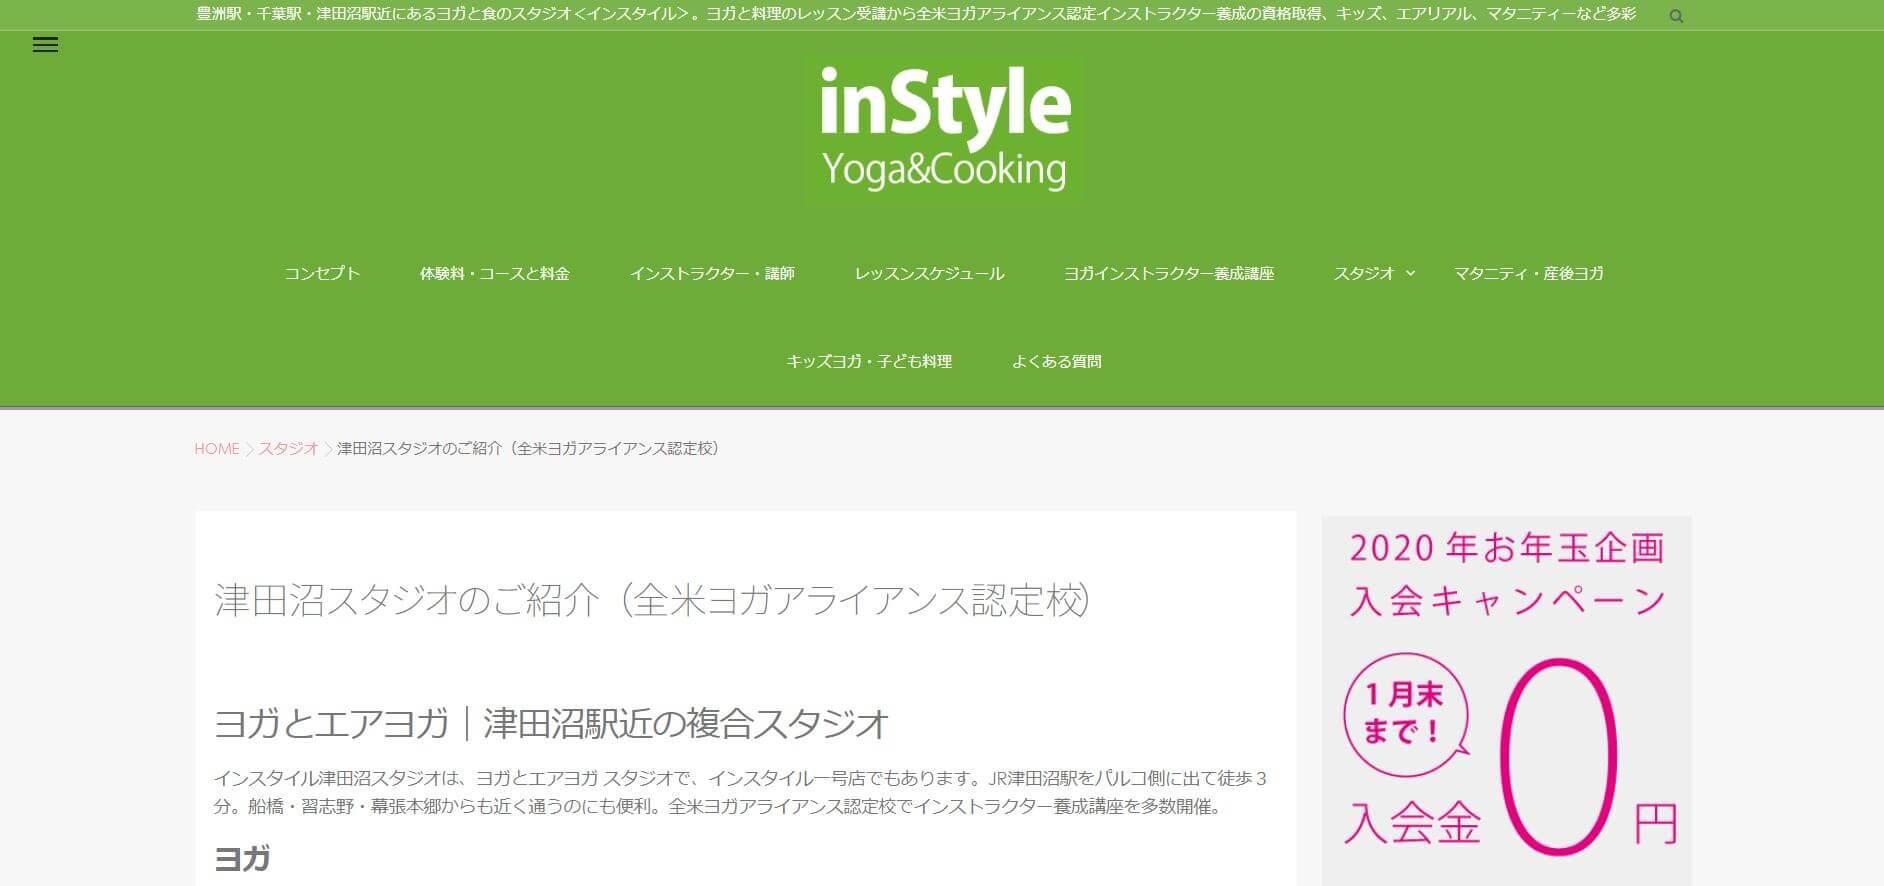 inStyle(インスタイル)